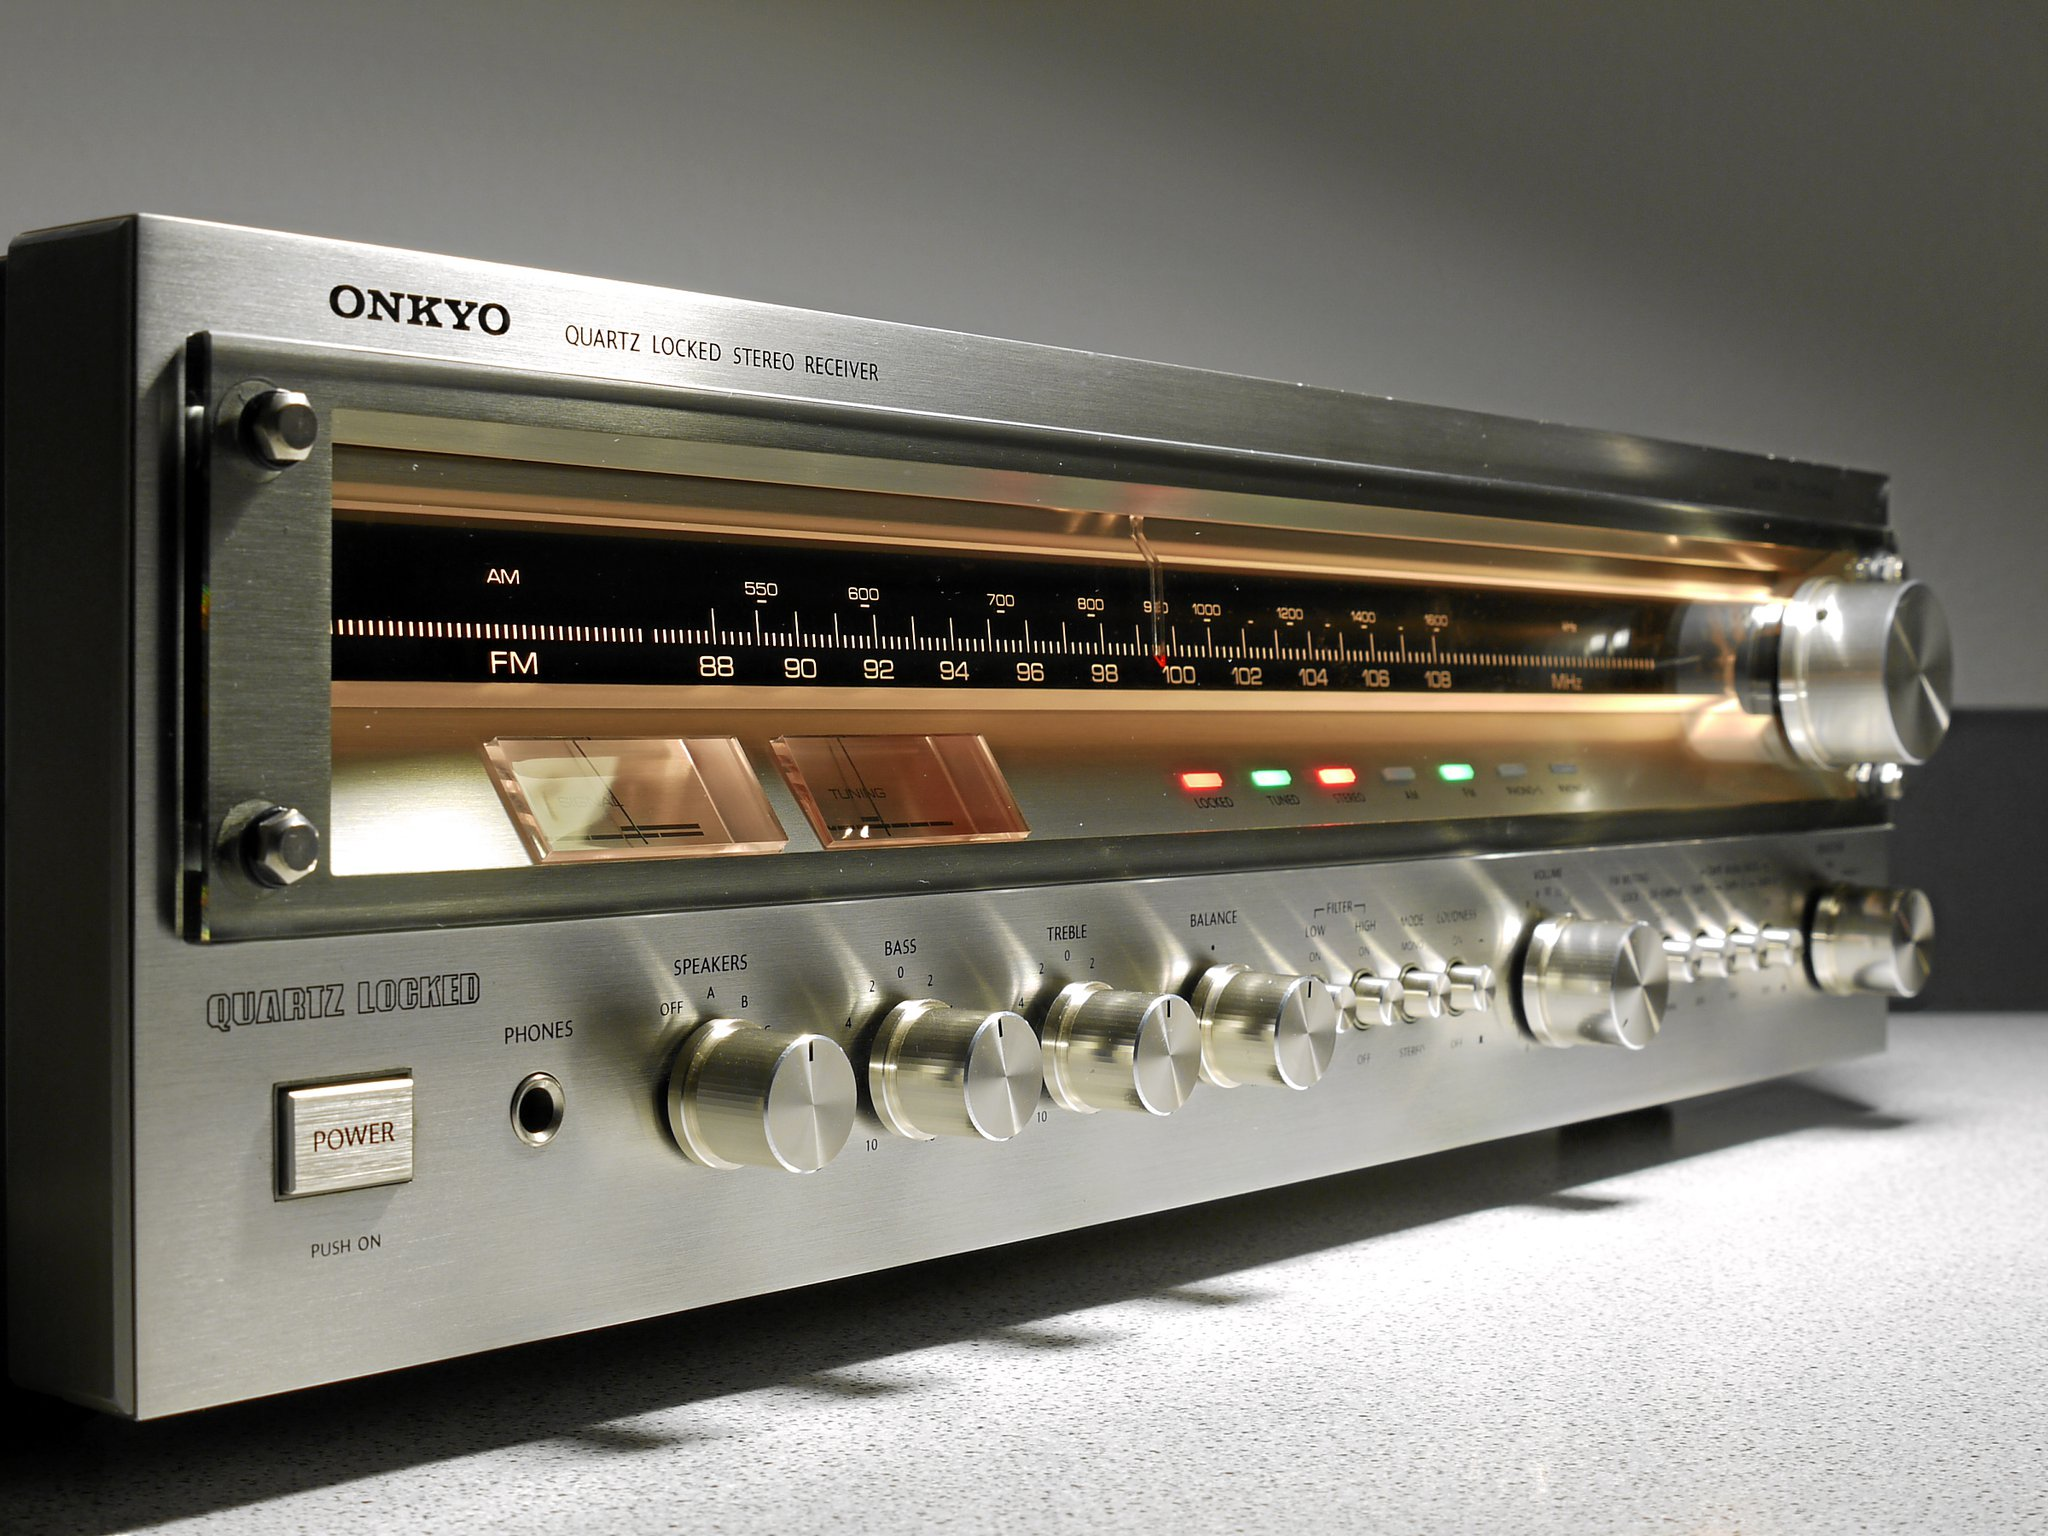 Onkyo - Magazine cover